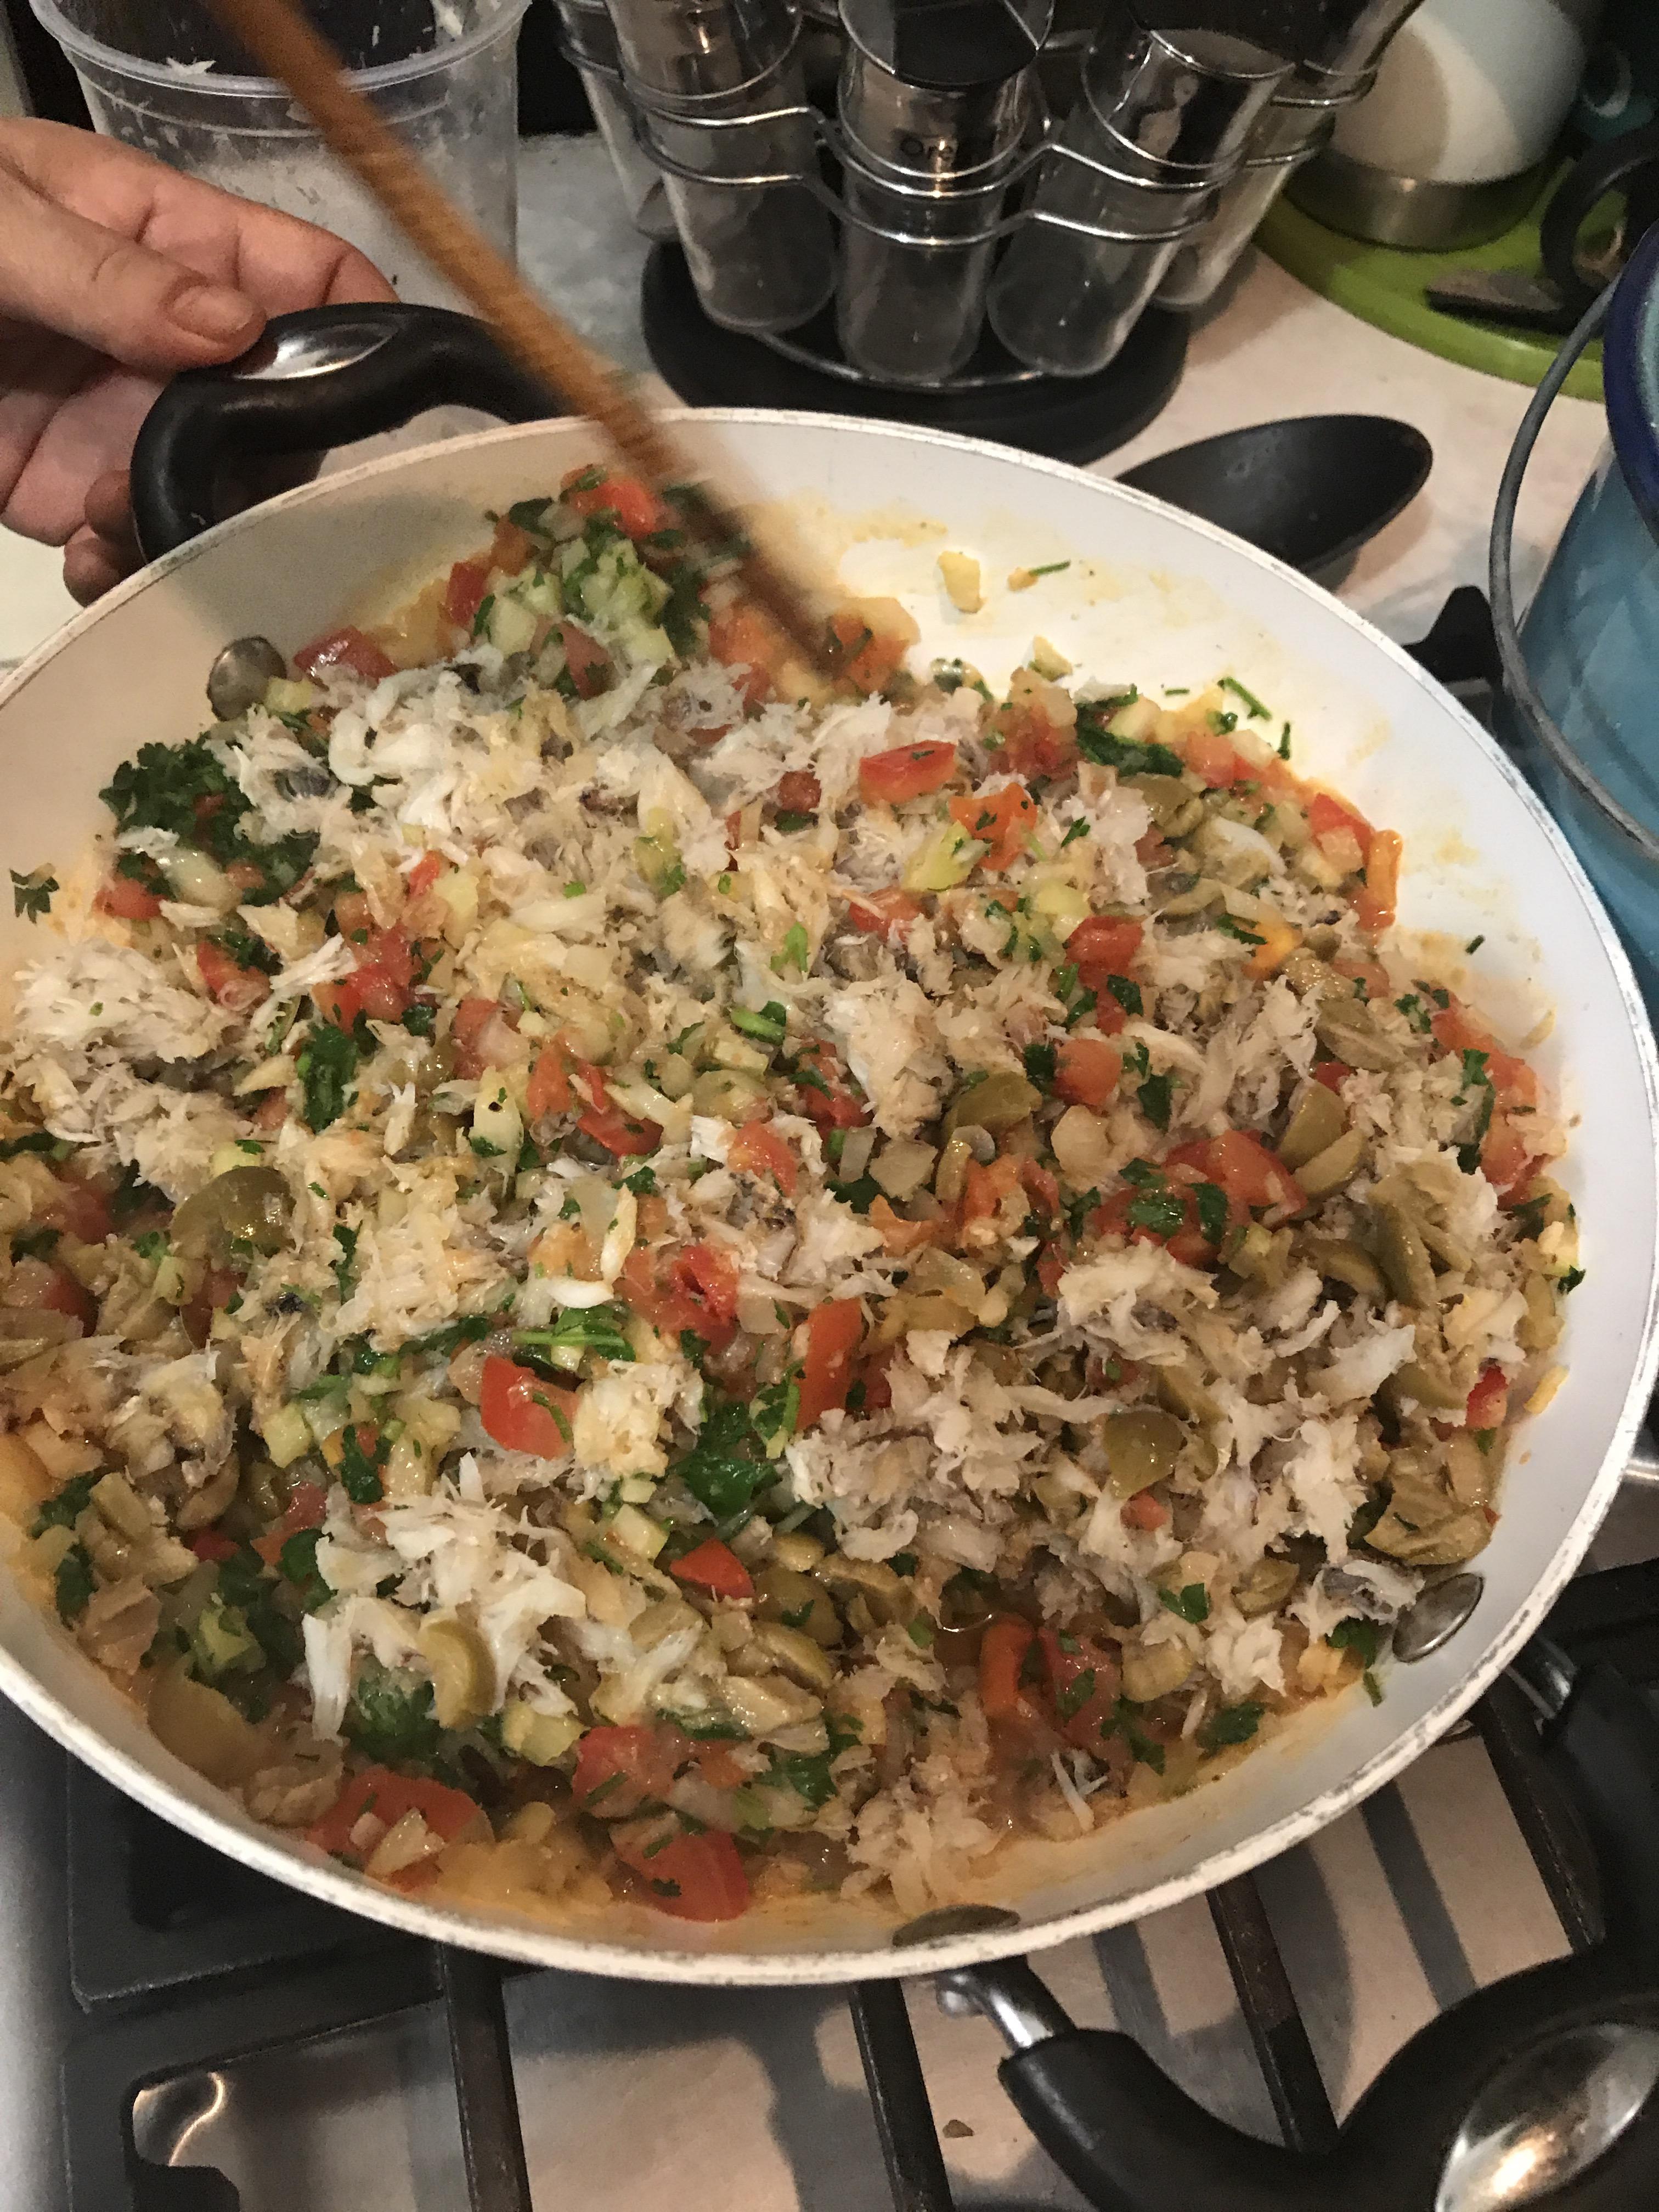 COCINA CASERA MEXICANA  Recetas de cocina casera La